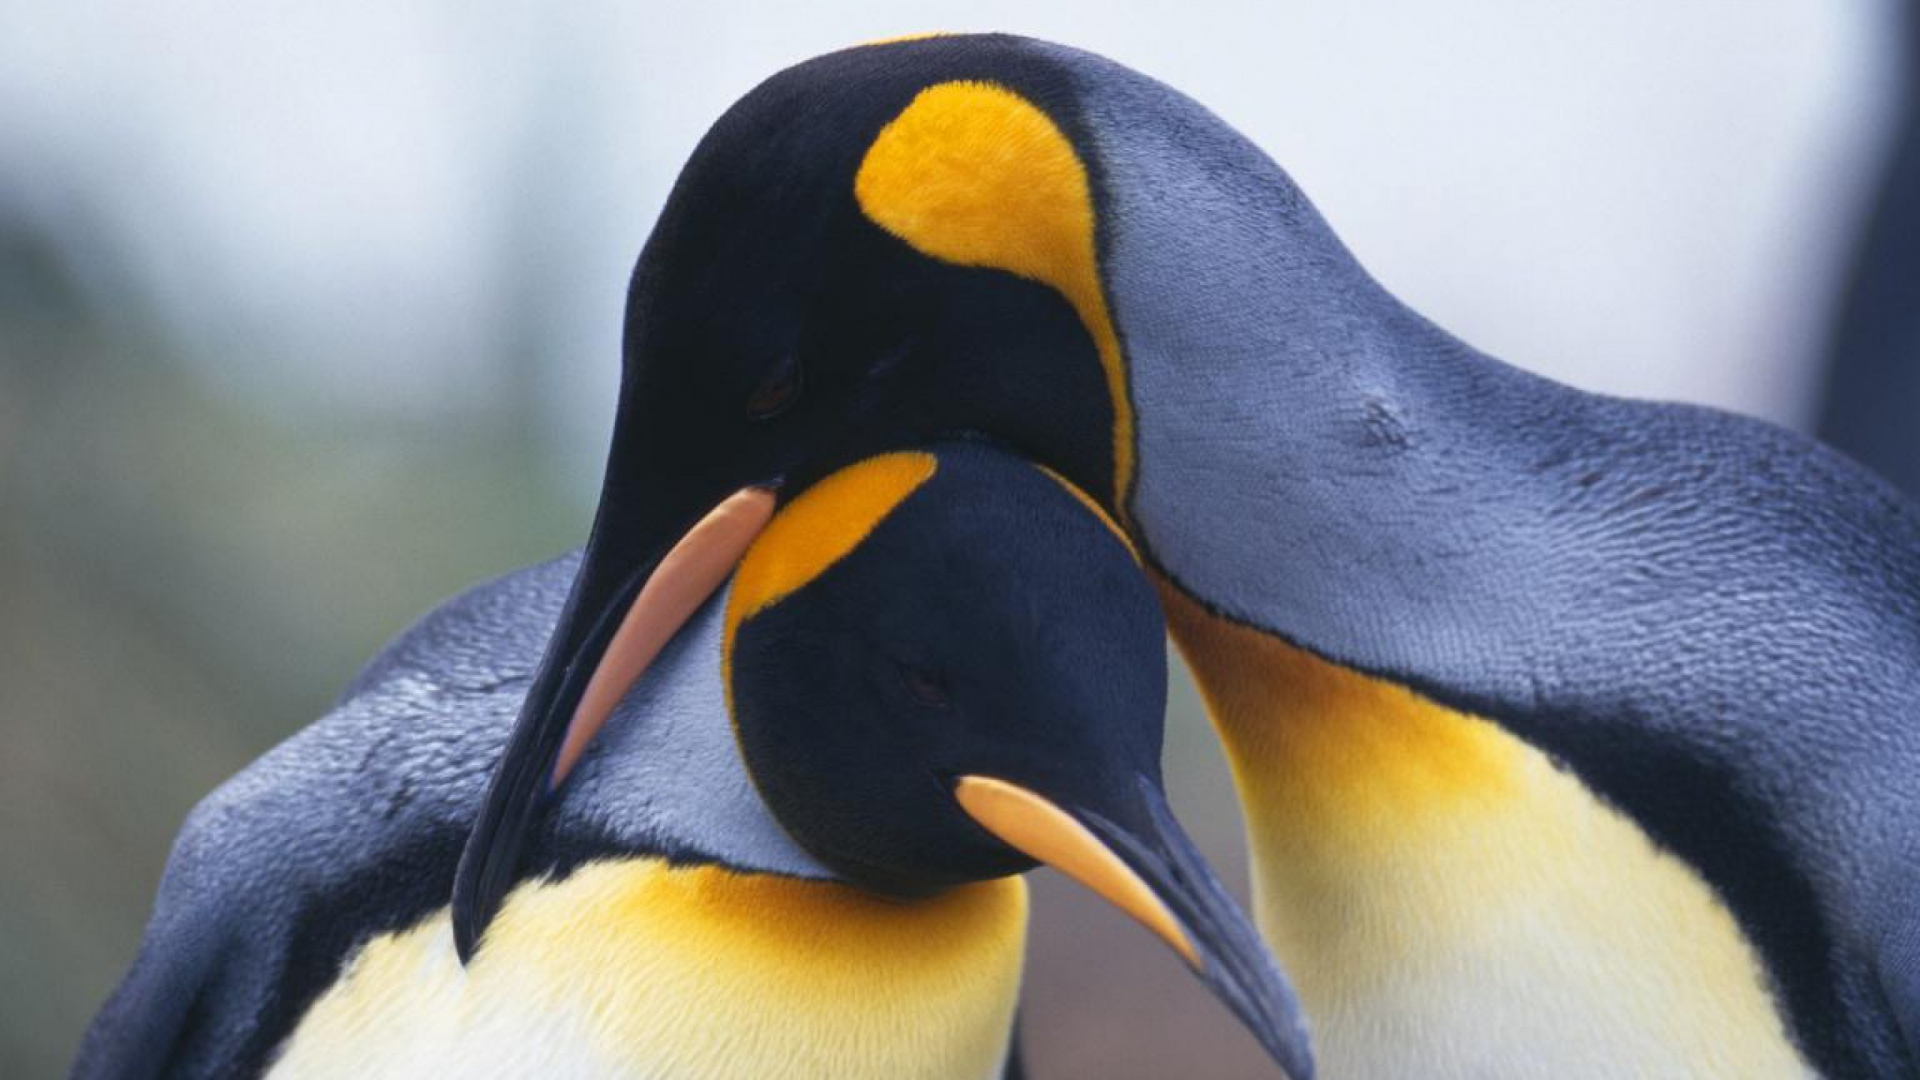 herunterladen 1920x1080 full hd hintergrundbilder paar schnabel vogel pinguine 1080p